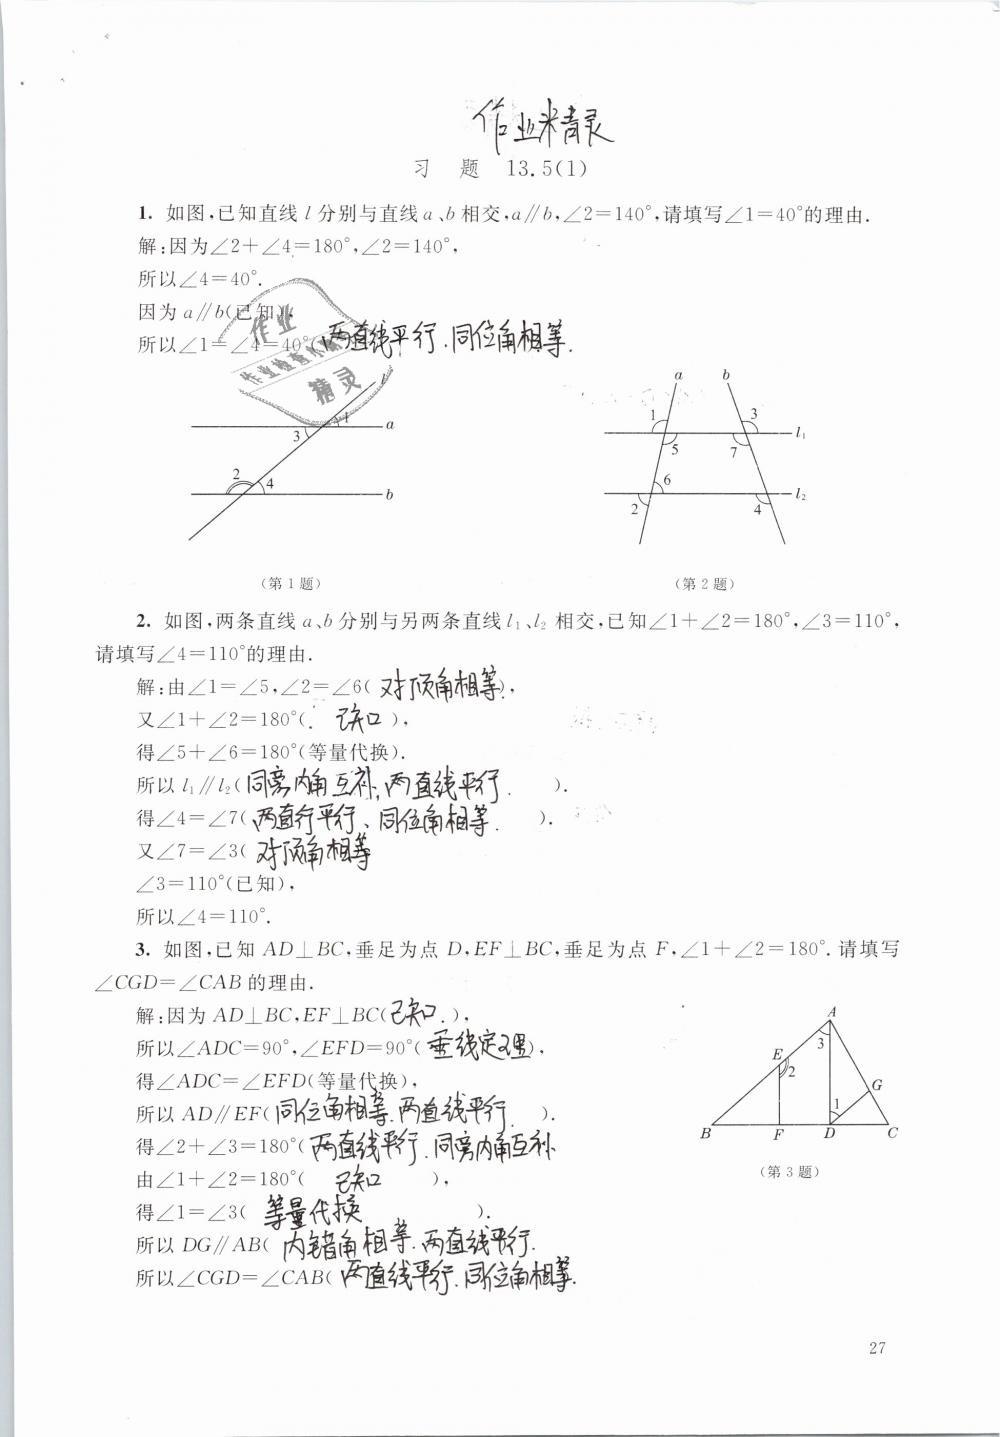 2019年数学练习部分七年级第二学期第27页